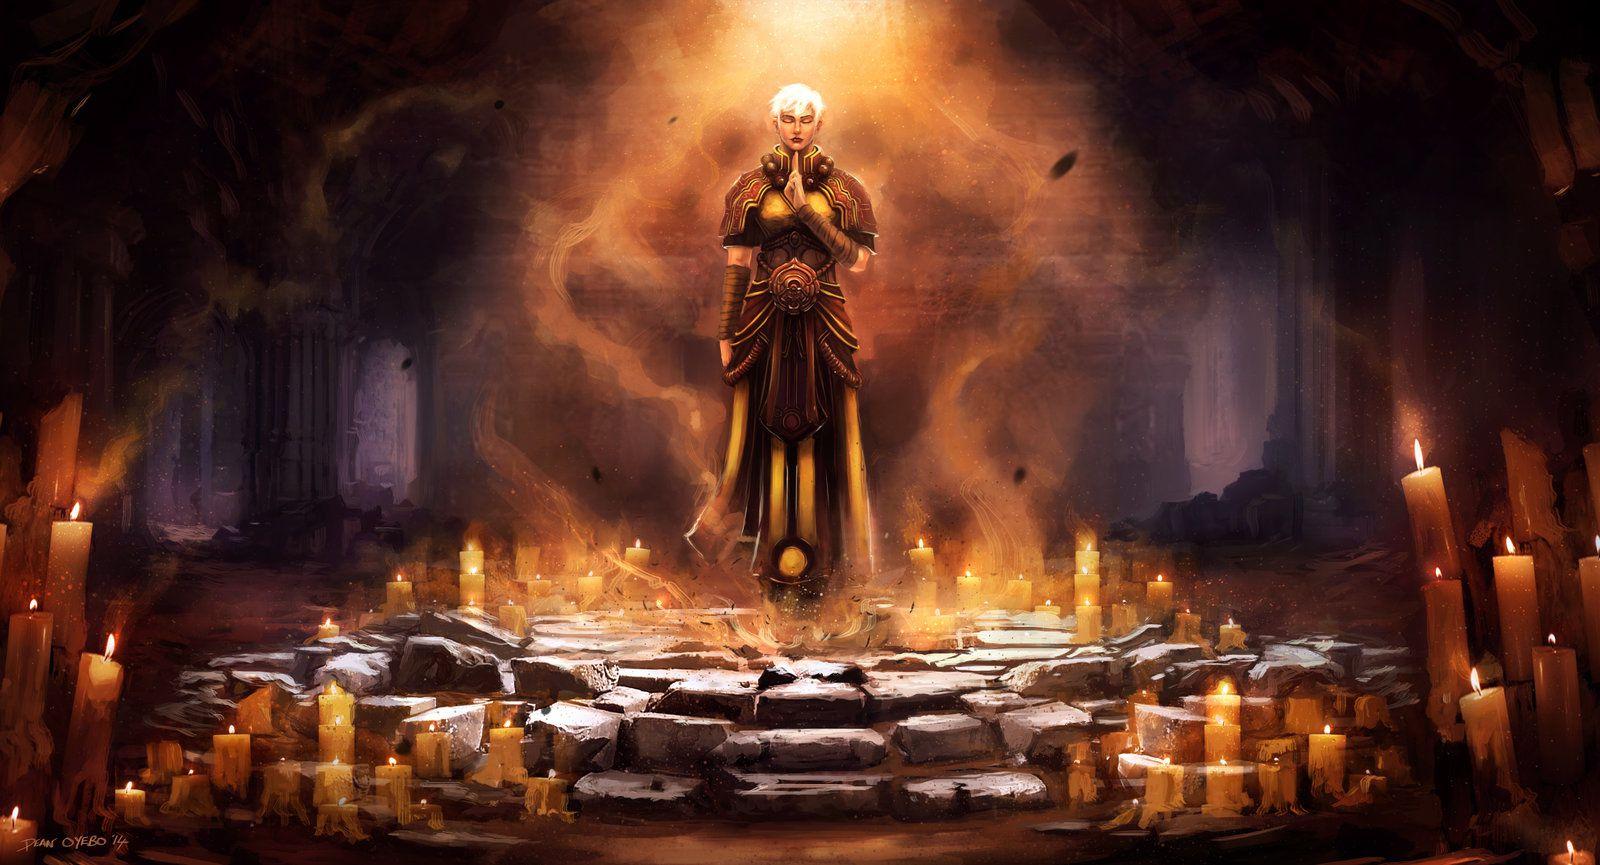 Les classes de Diablo III font dans le très classique, Barbare, Moine, Sorcier, Paladin, Chasseur de démon biberonné à John Who et le Féticheur vaudou que j'aime beaucoup. Du classique, très classique, mais ça permet de convoquer des figures archétypales qui sont familières.